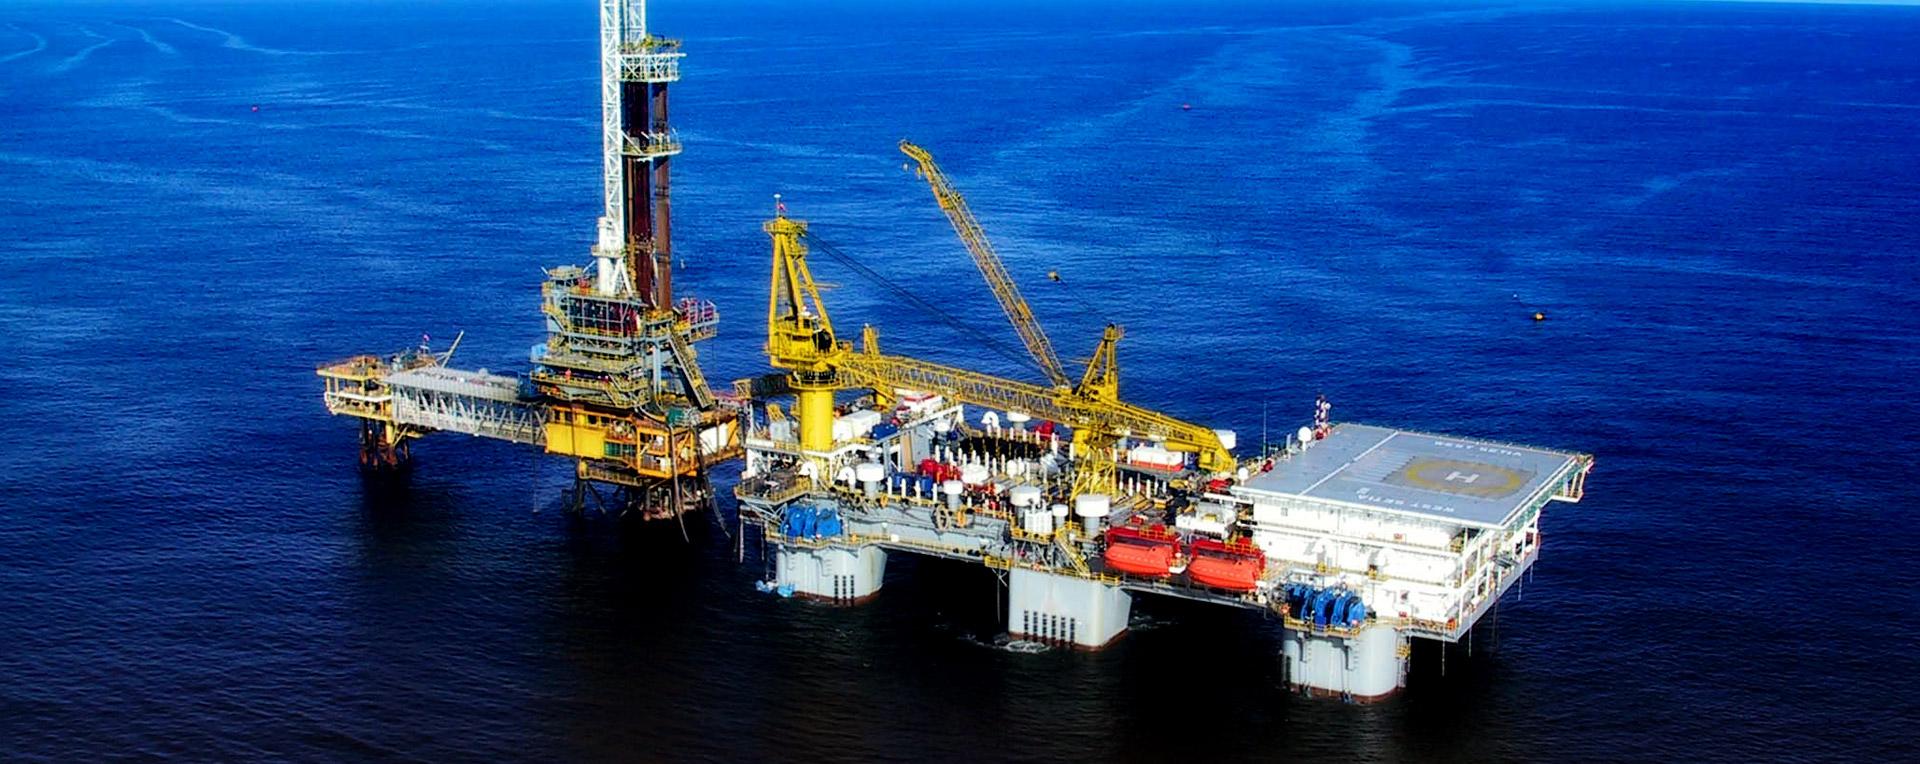 Spark Maintenance & Oil Field Services Est